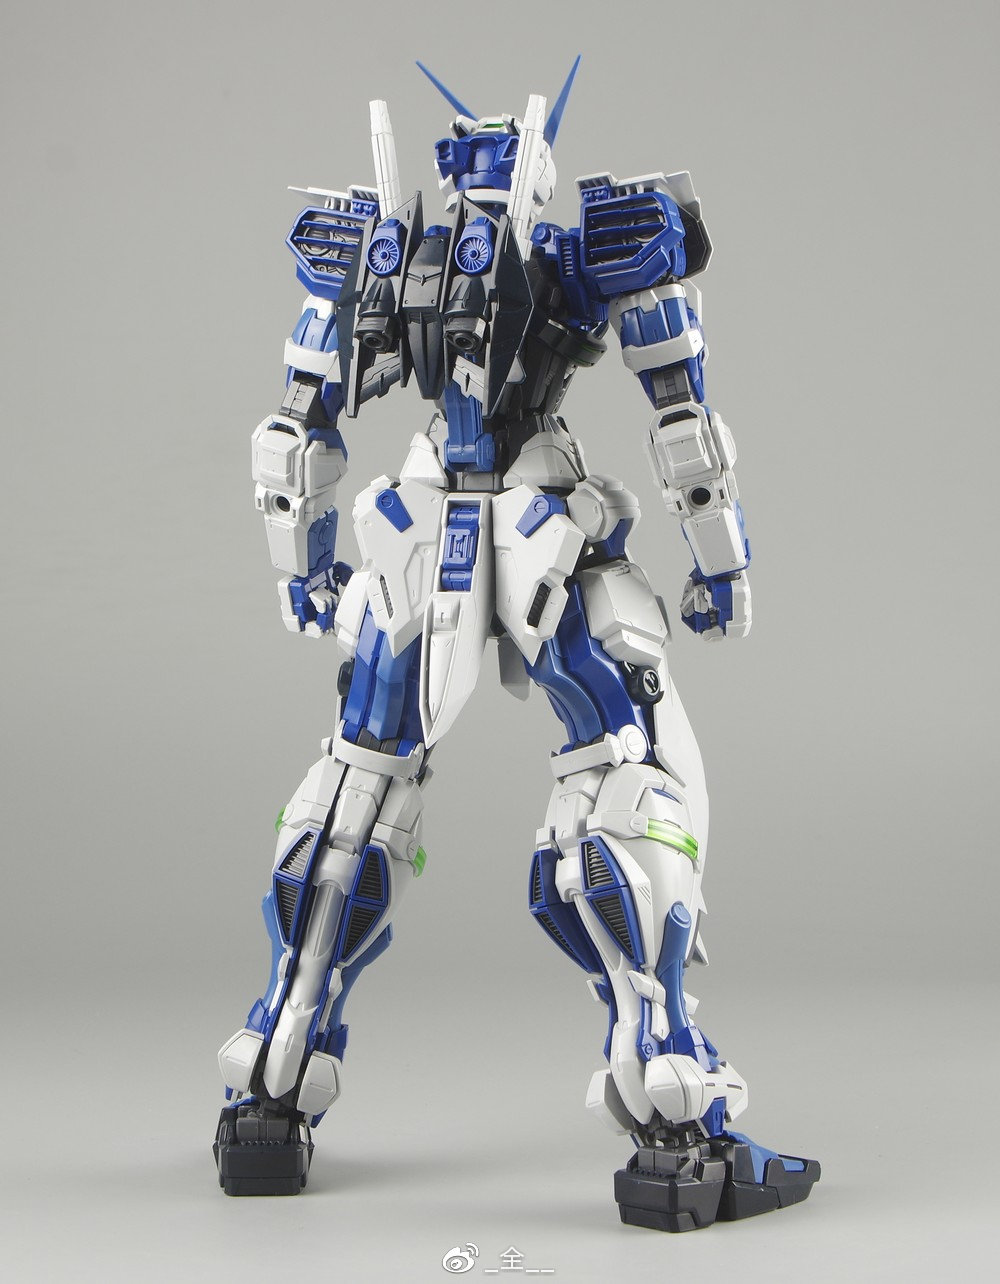 S306_blueframe_astray_049.jpg